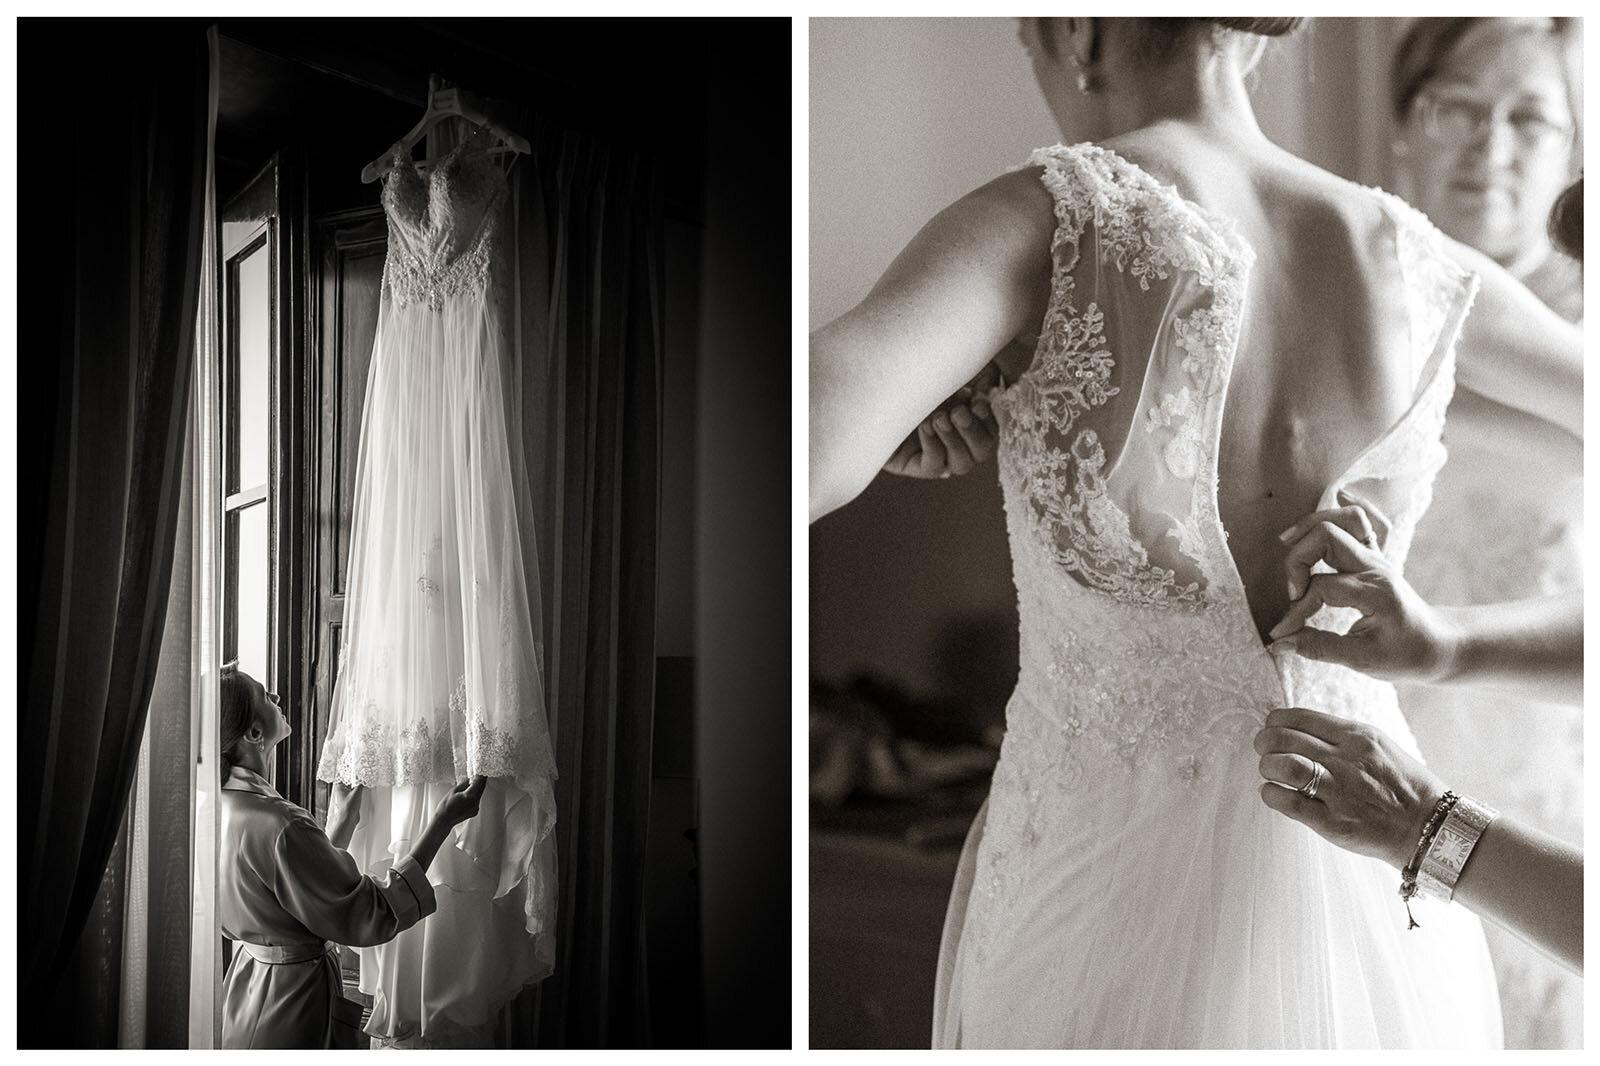 Russian Wedding in Villa Cimbrone Costiera Amalfitana compo1.jpg